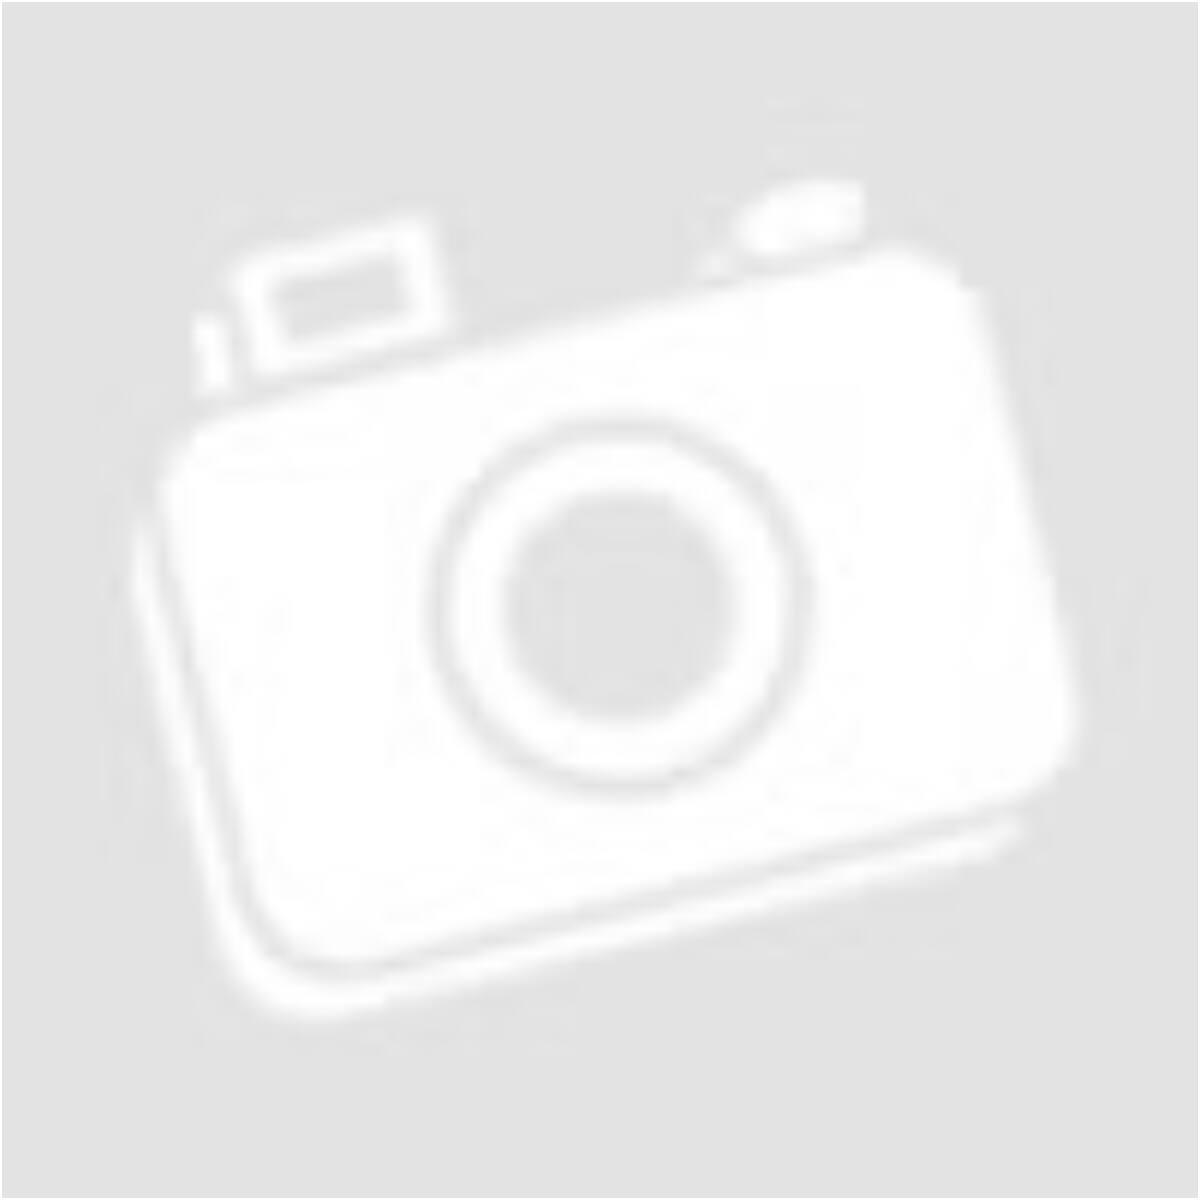 EXTREME steppelt télikabát  1672 - kék - Télikabátok 35d4cacc87